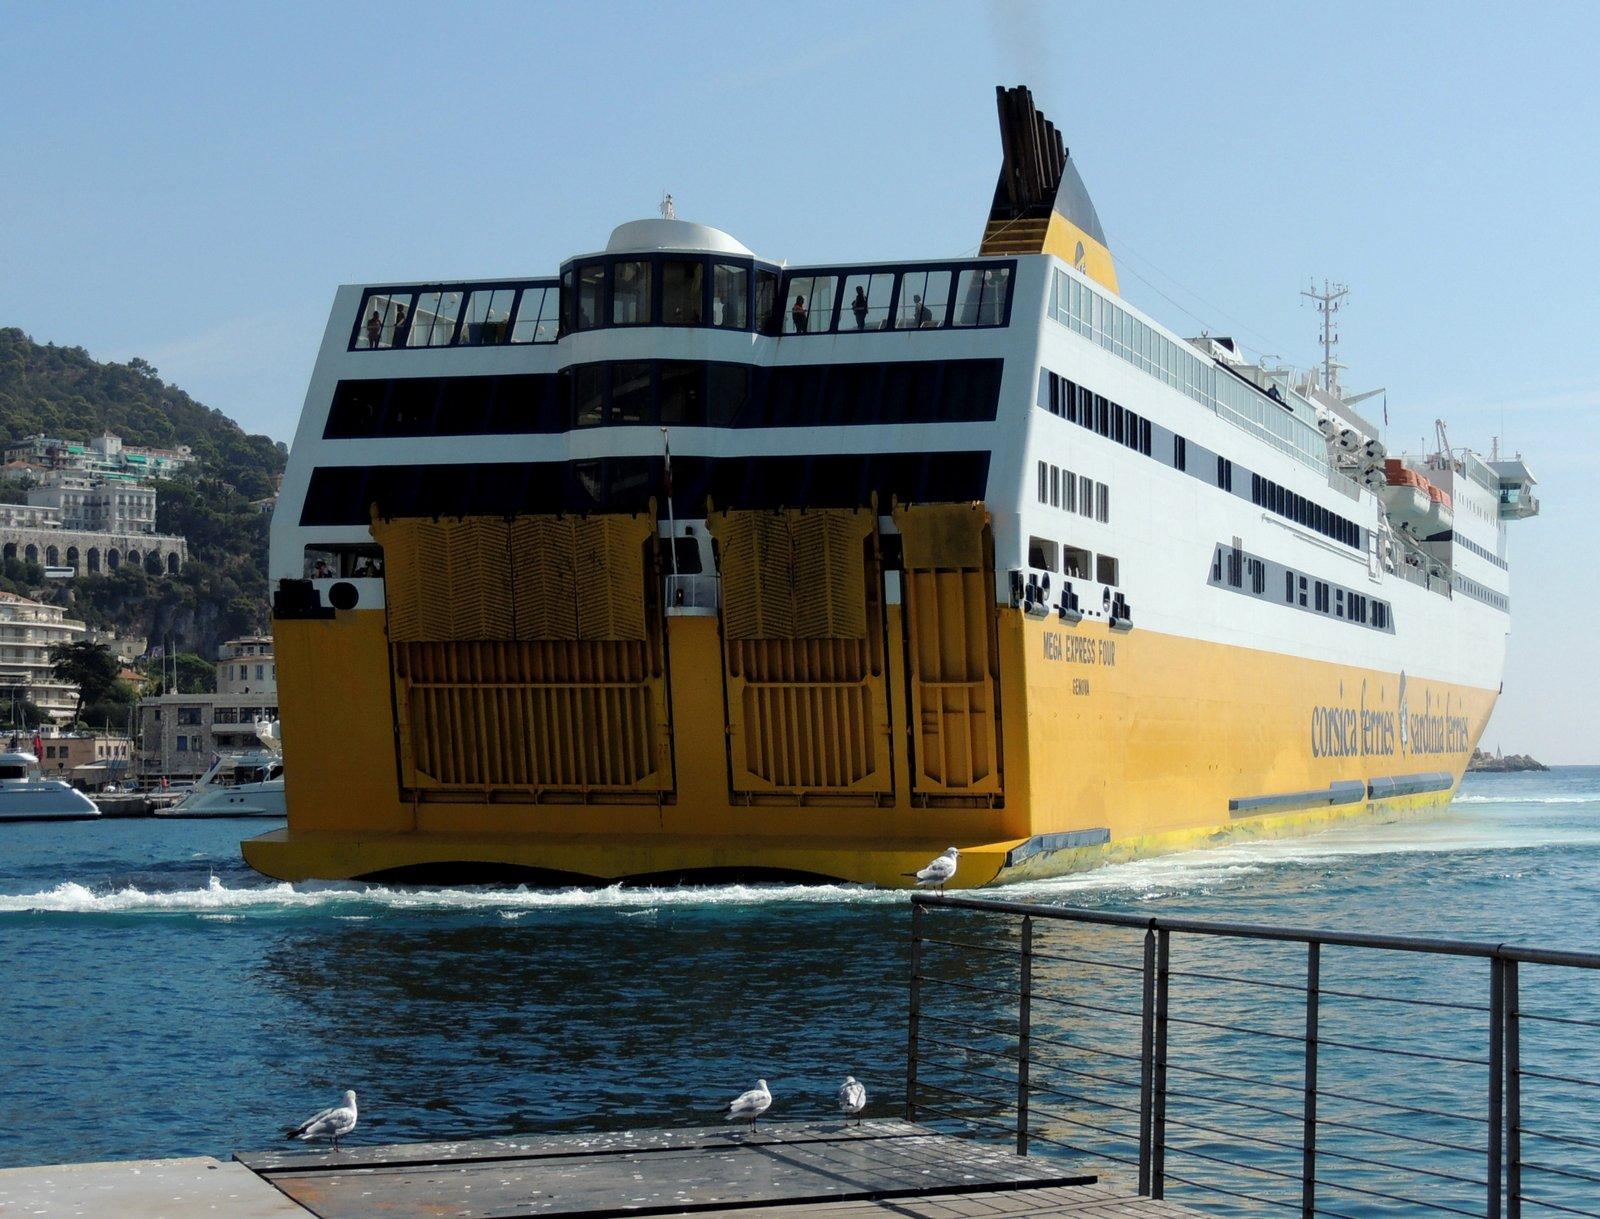 Mega Express 4 - Corsica Ferries